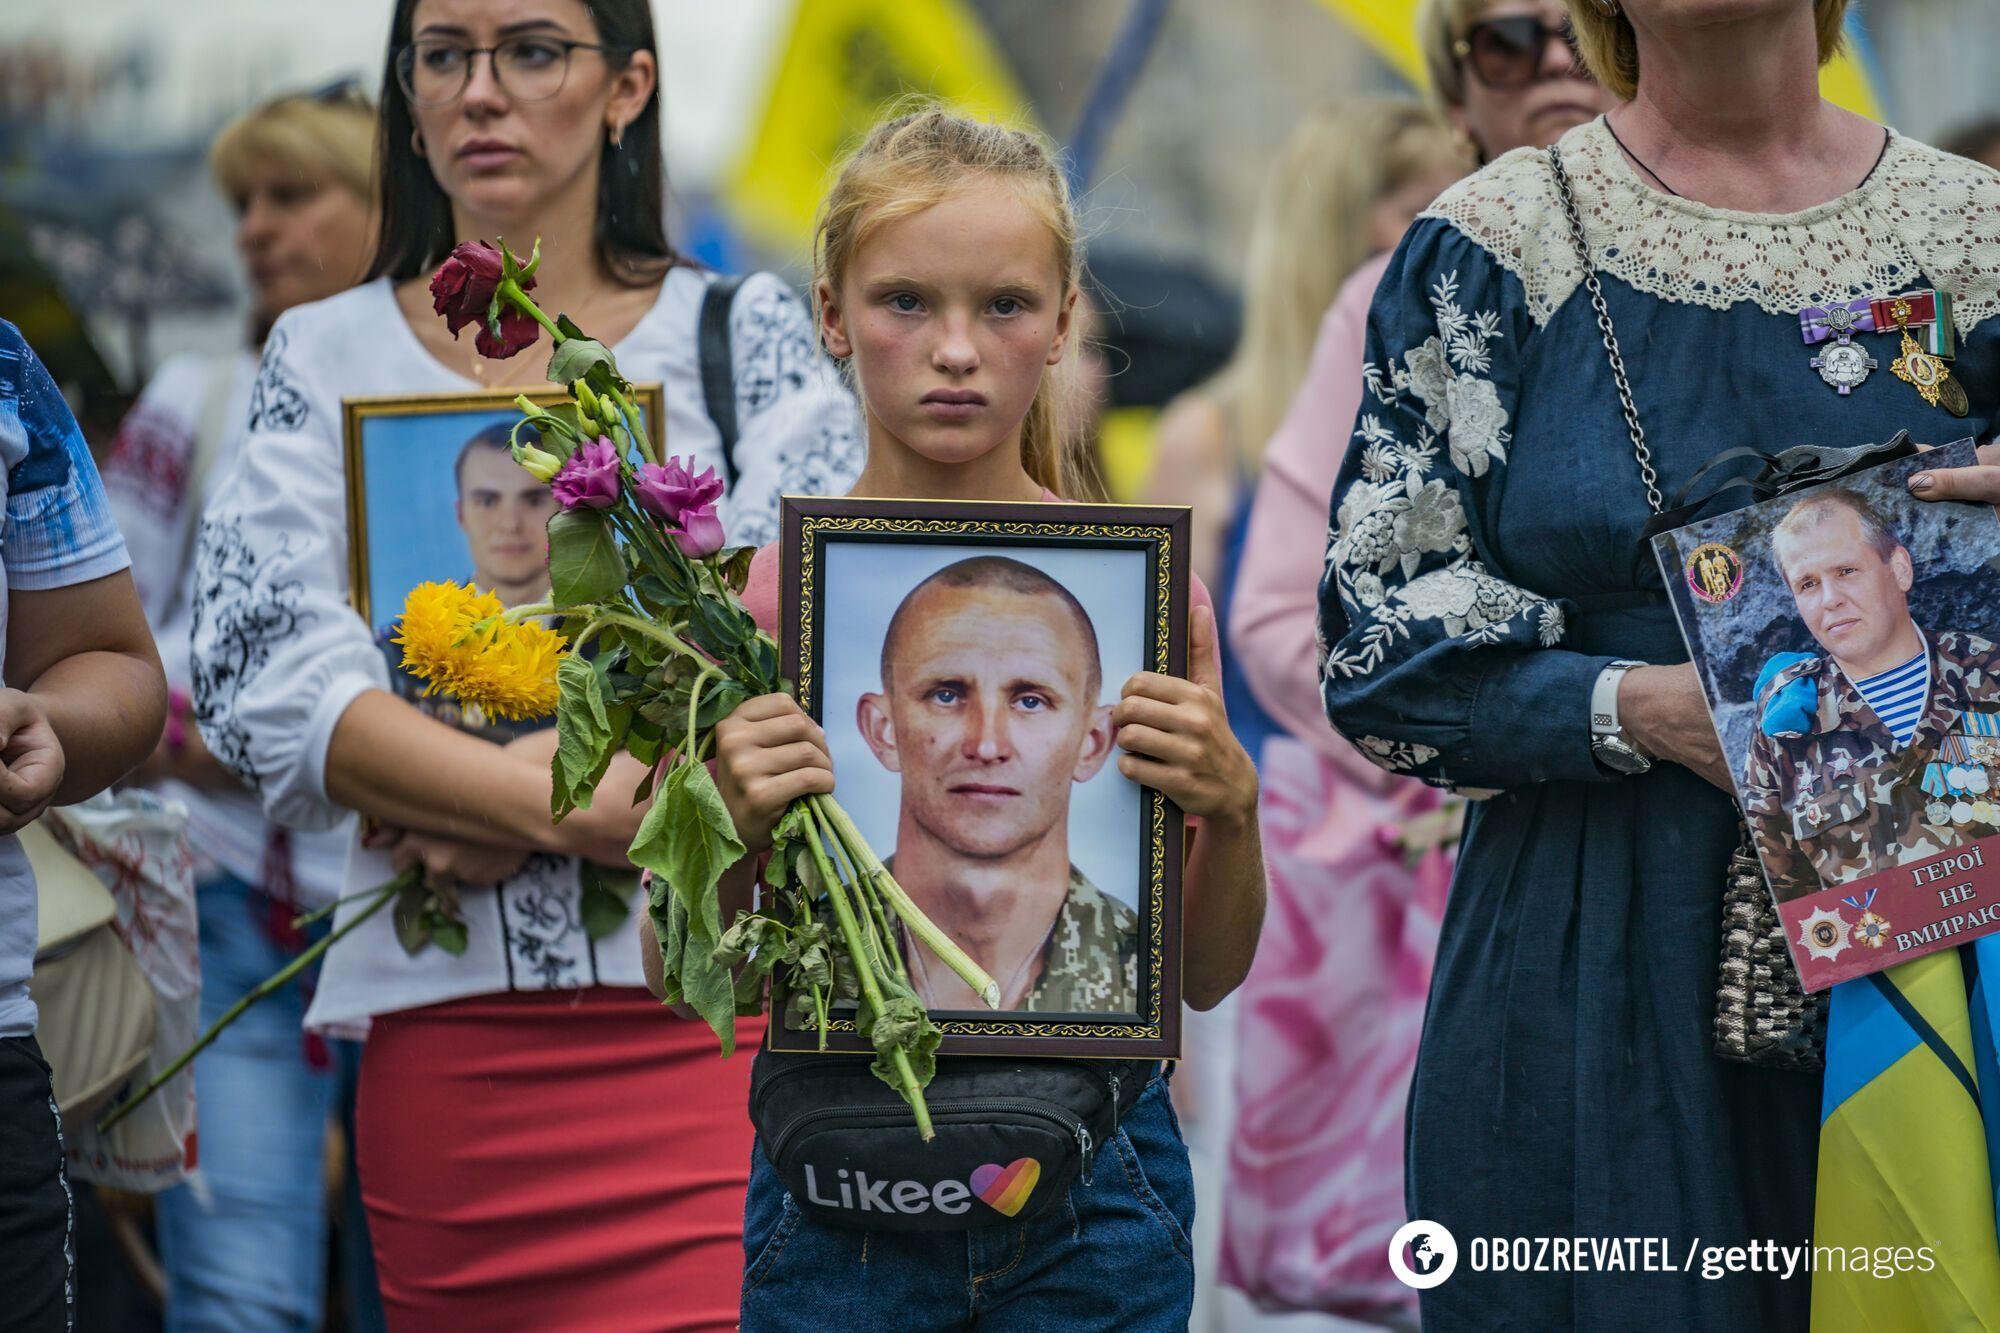 Дочь Ярослава Журавля с портретом погибшего отца